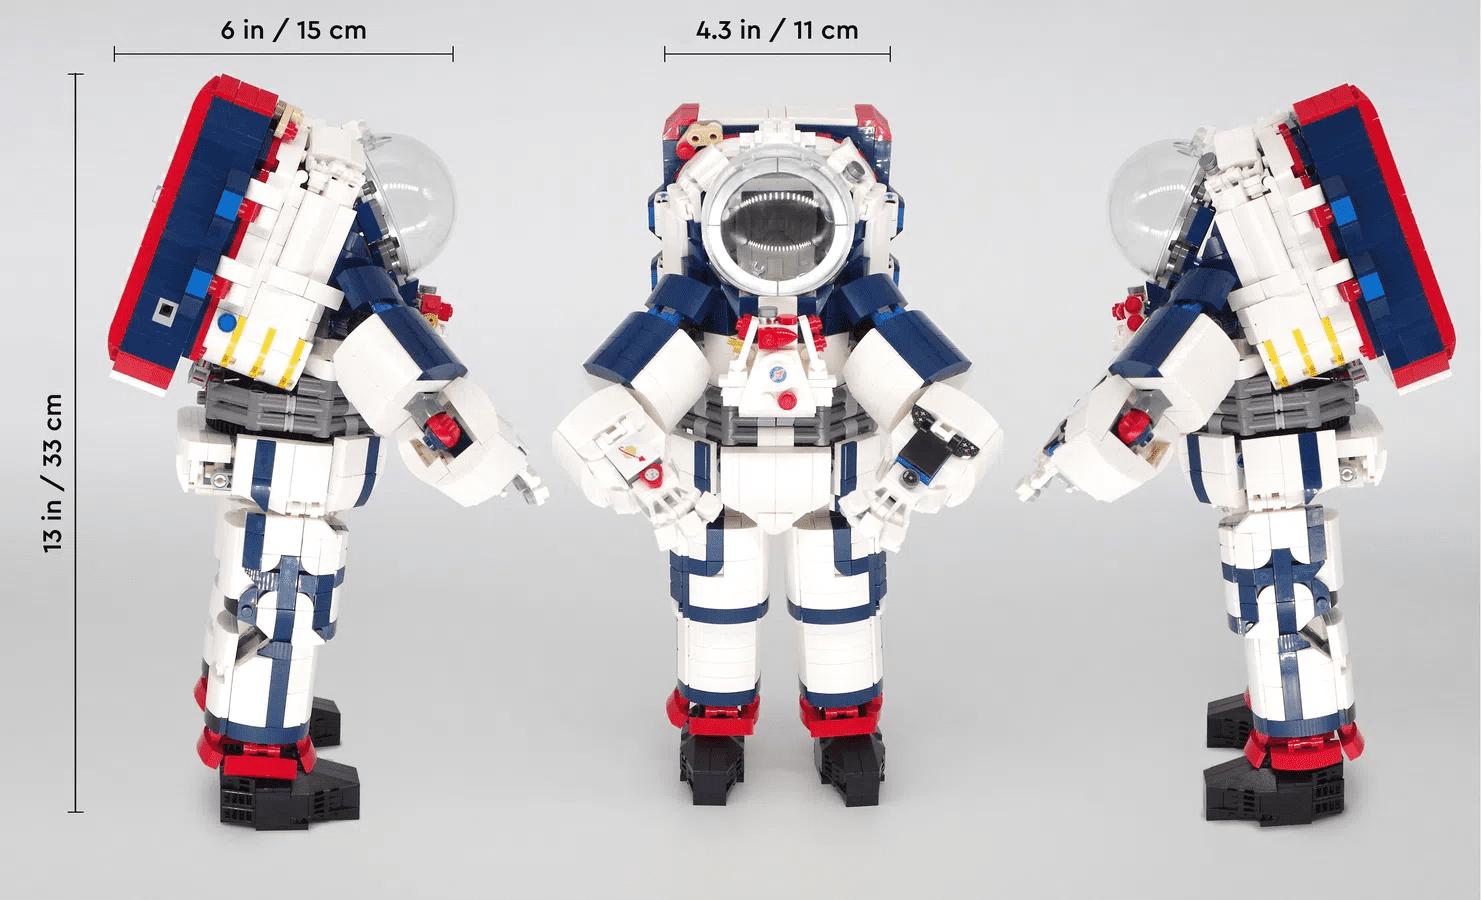 LEGO Artemis Spacesuit